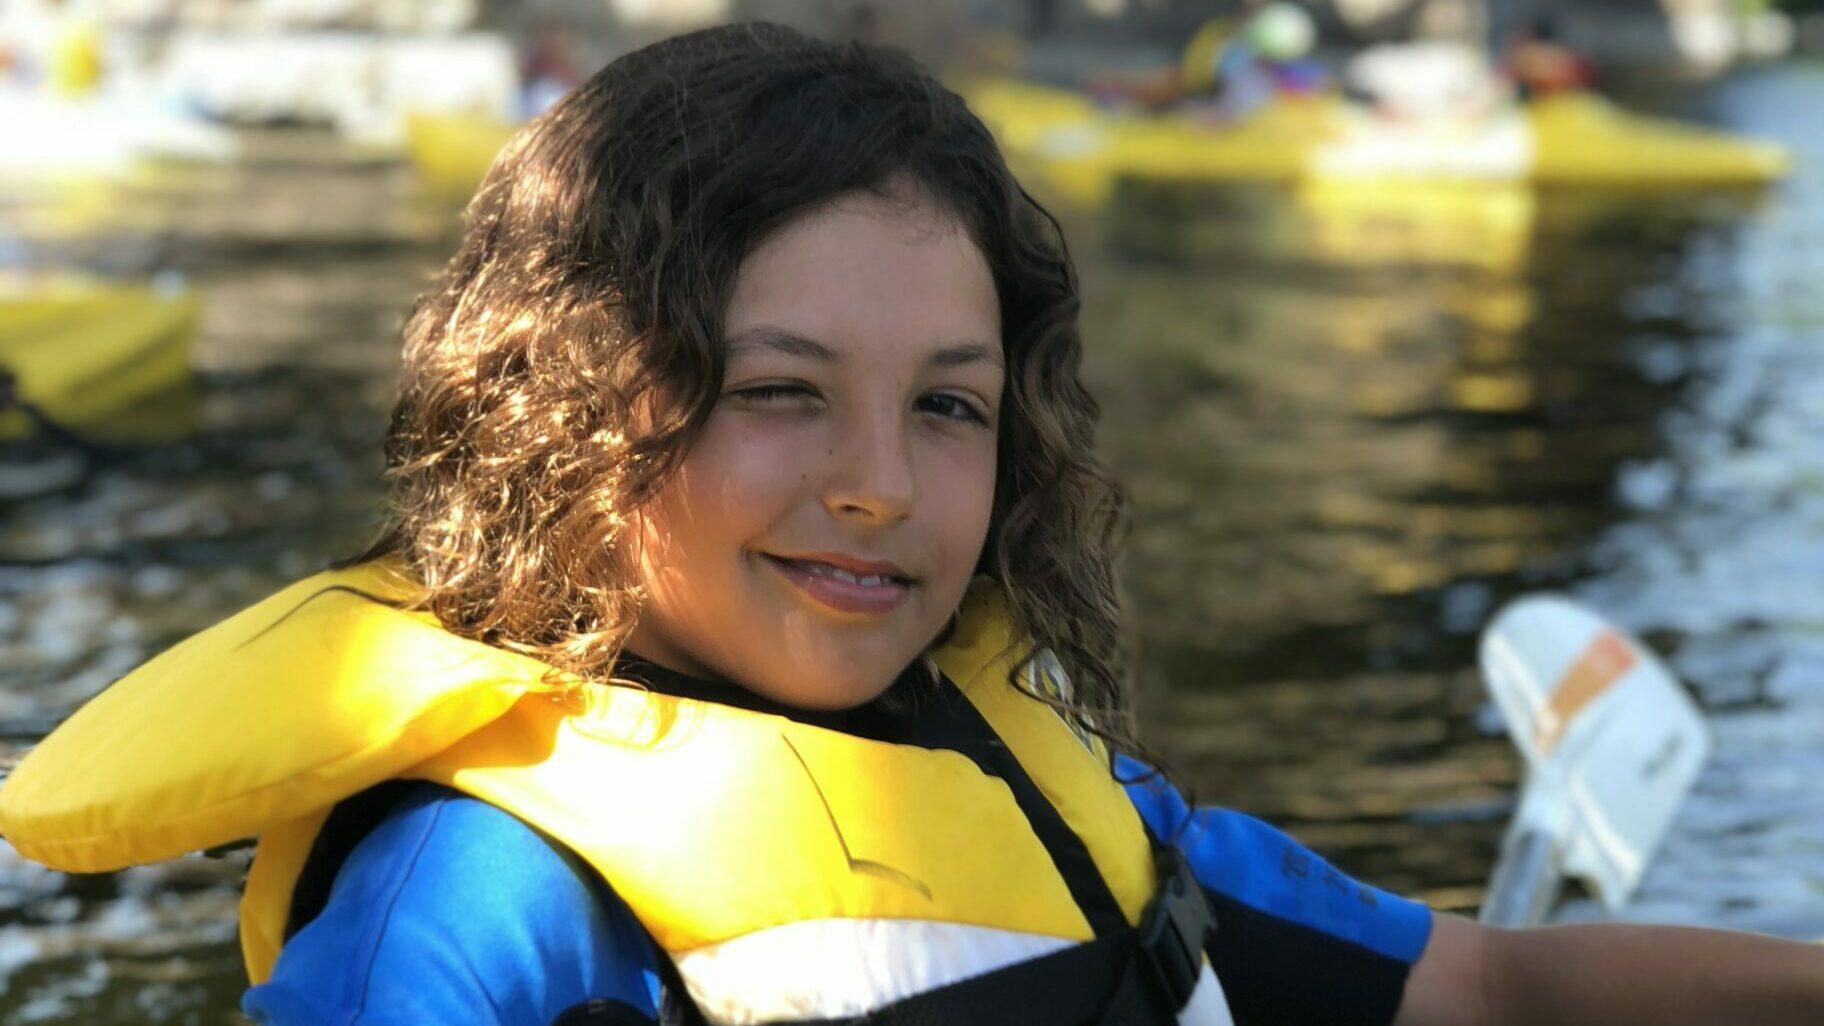 adolescent portant un gilet de sauvetage